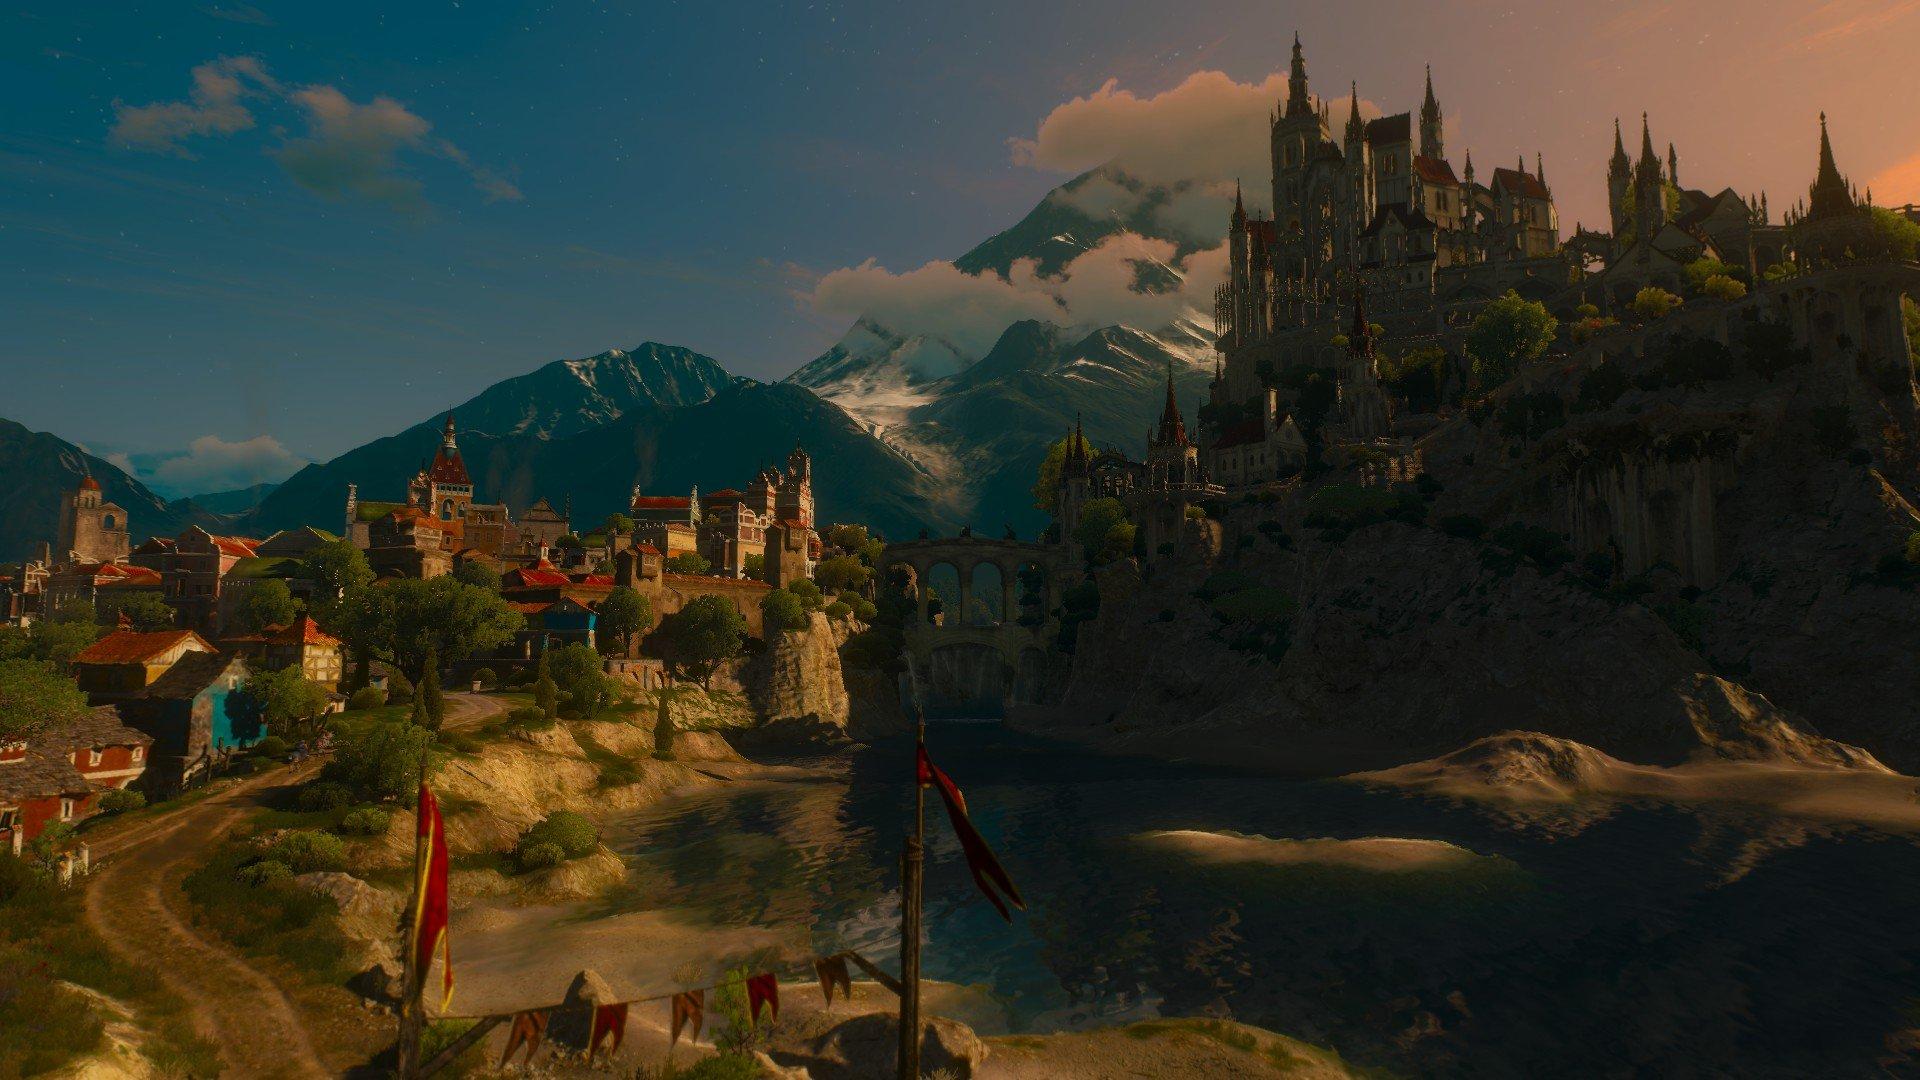 Вопль-прохождение Witcher 3: Кровь и Вино ... НАЧАЛО [ВНИМАНИЕ, ВОЗМОЖНЫ СПОЙЛЕРЫ]. - Изображение 17